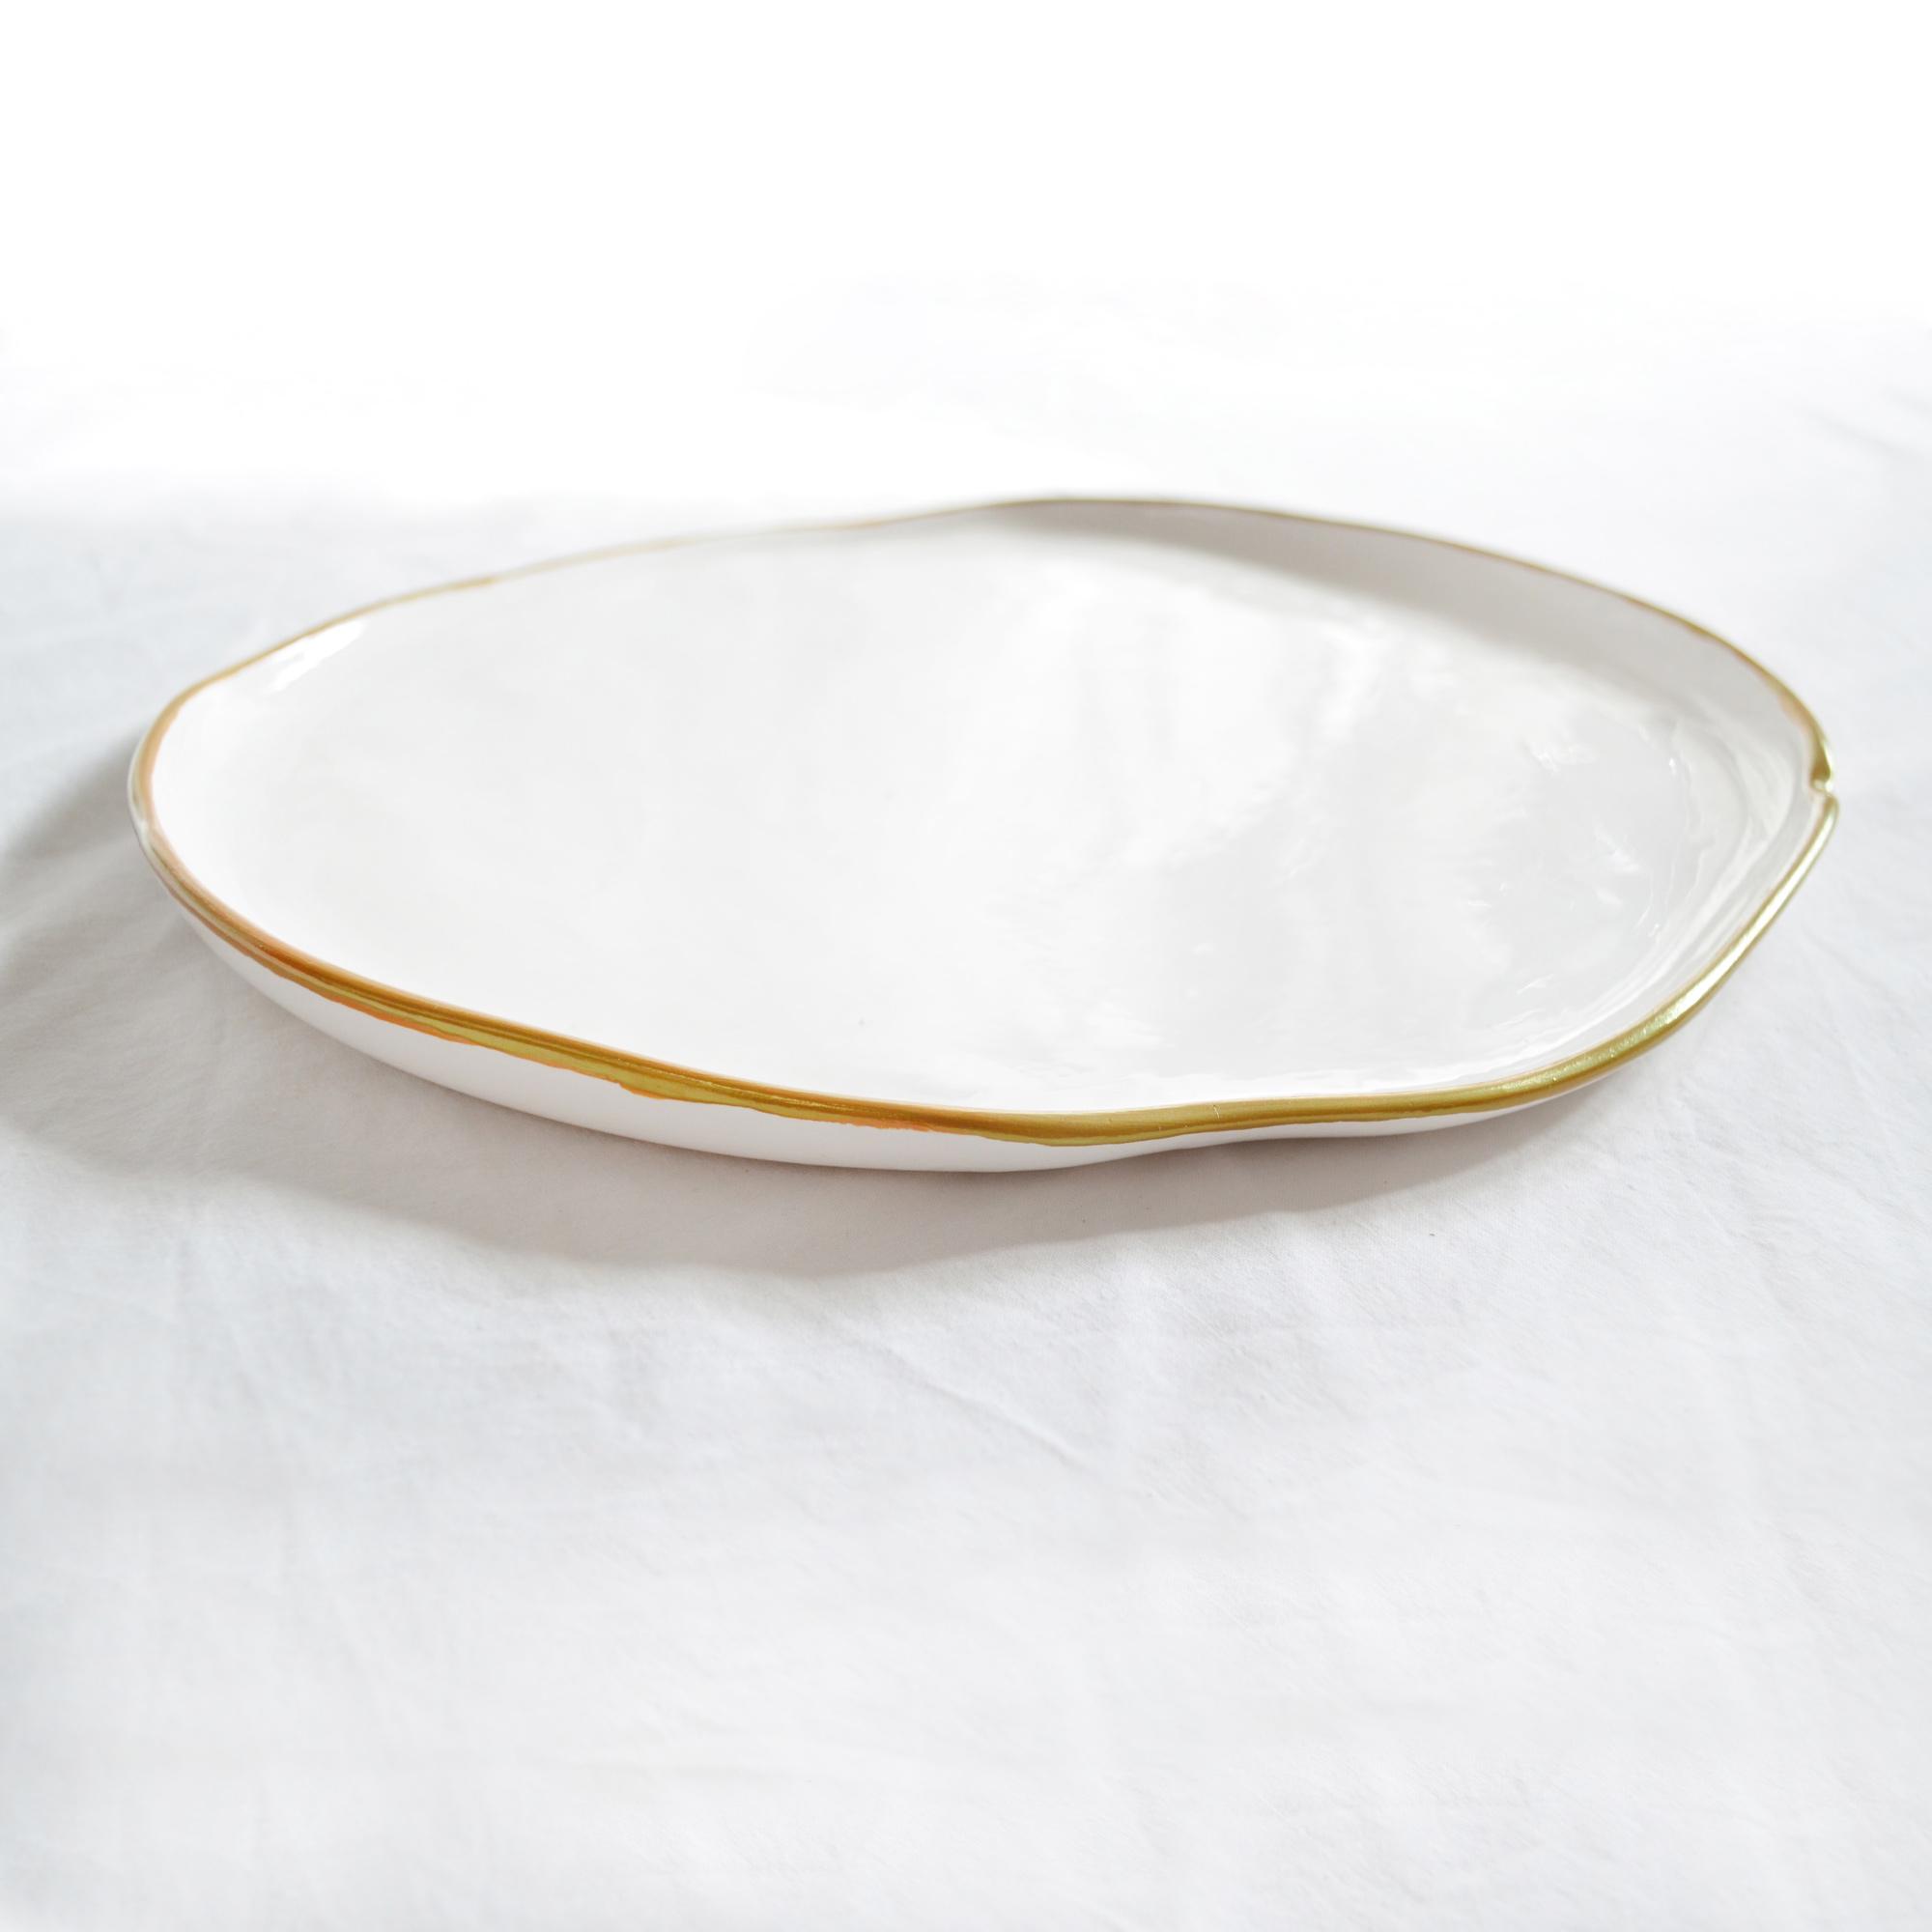 plato llano grande miyaya de diseño fabricado a mano blanco decoracion